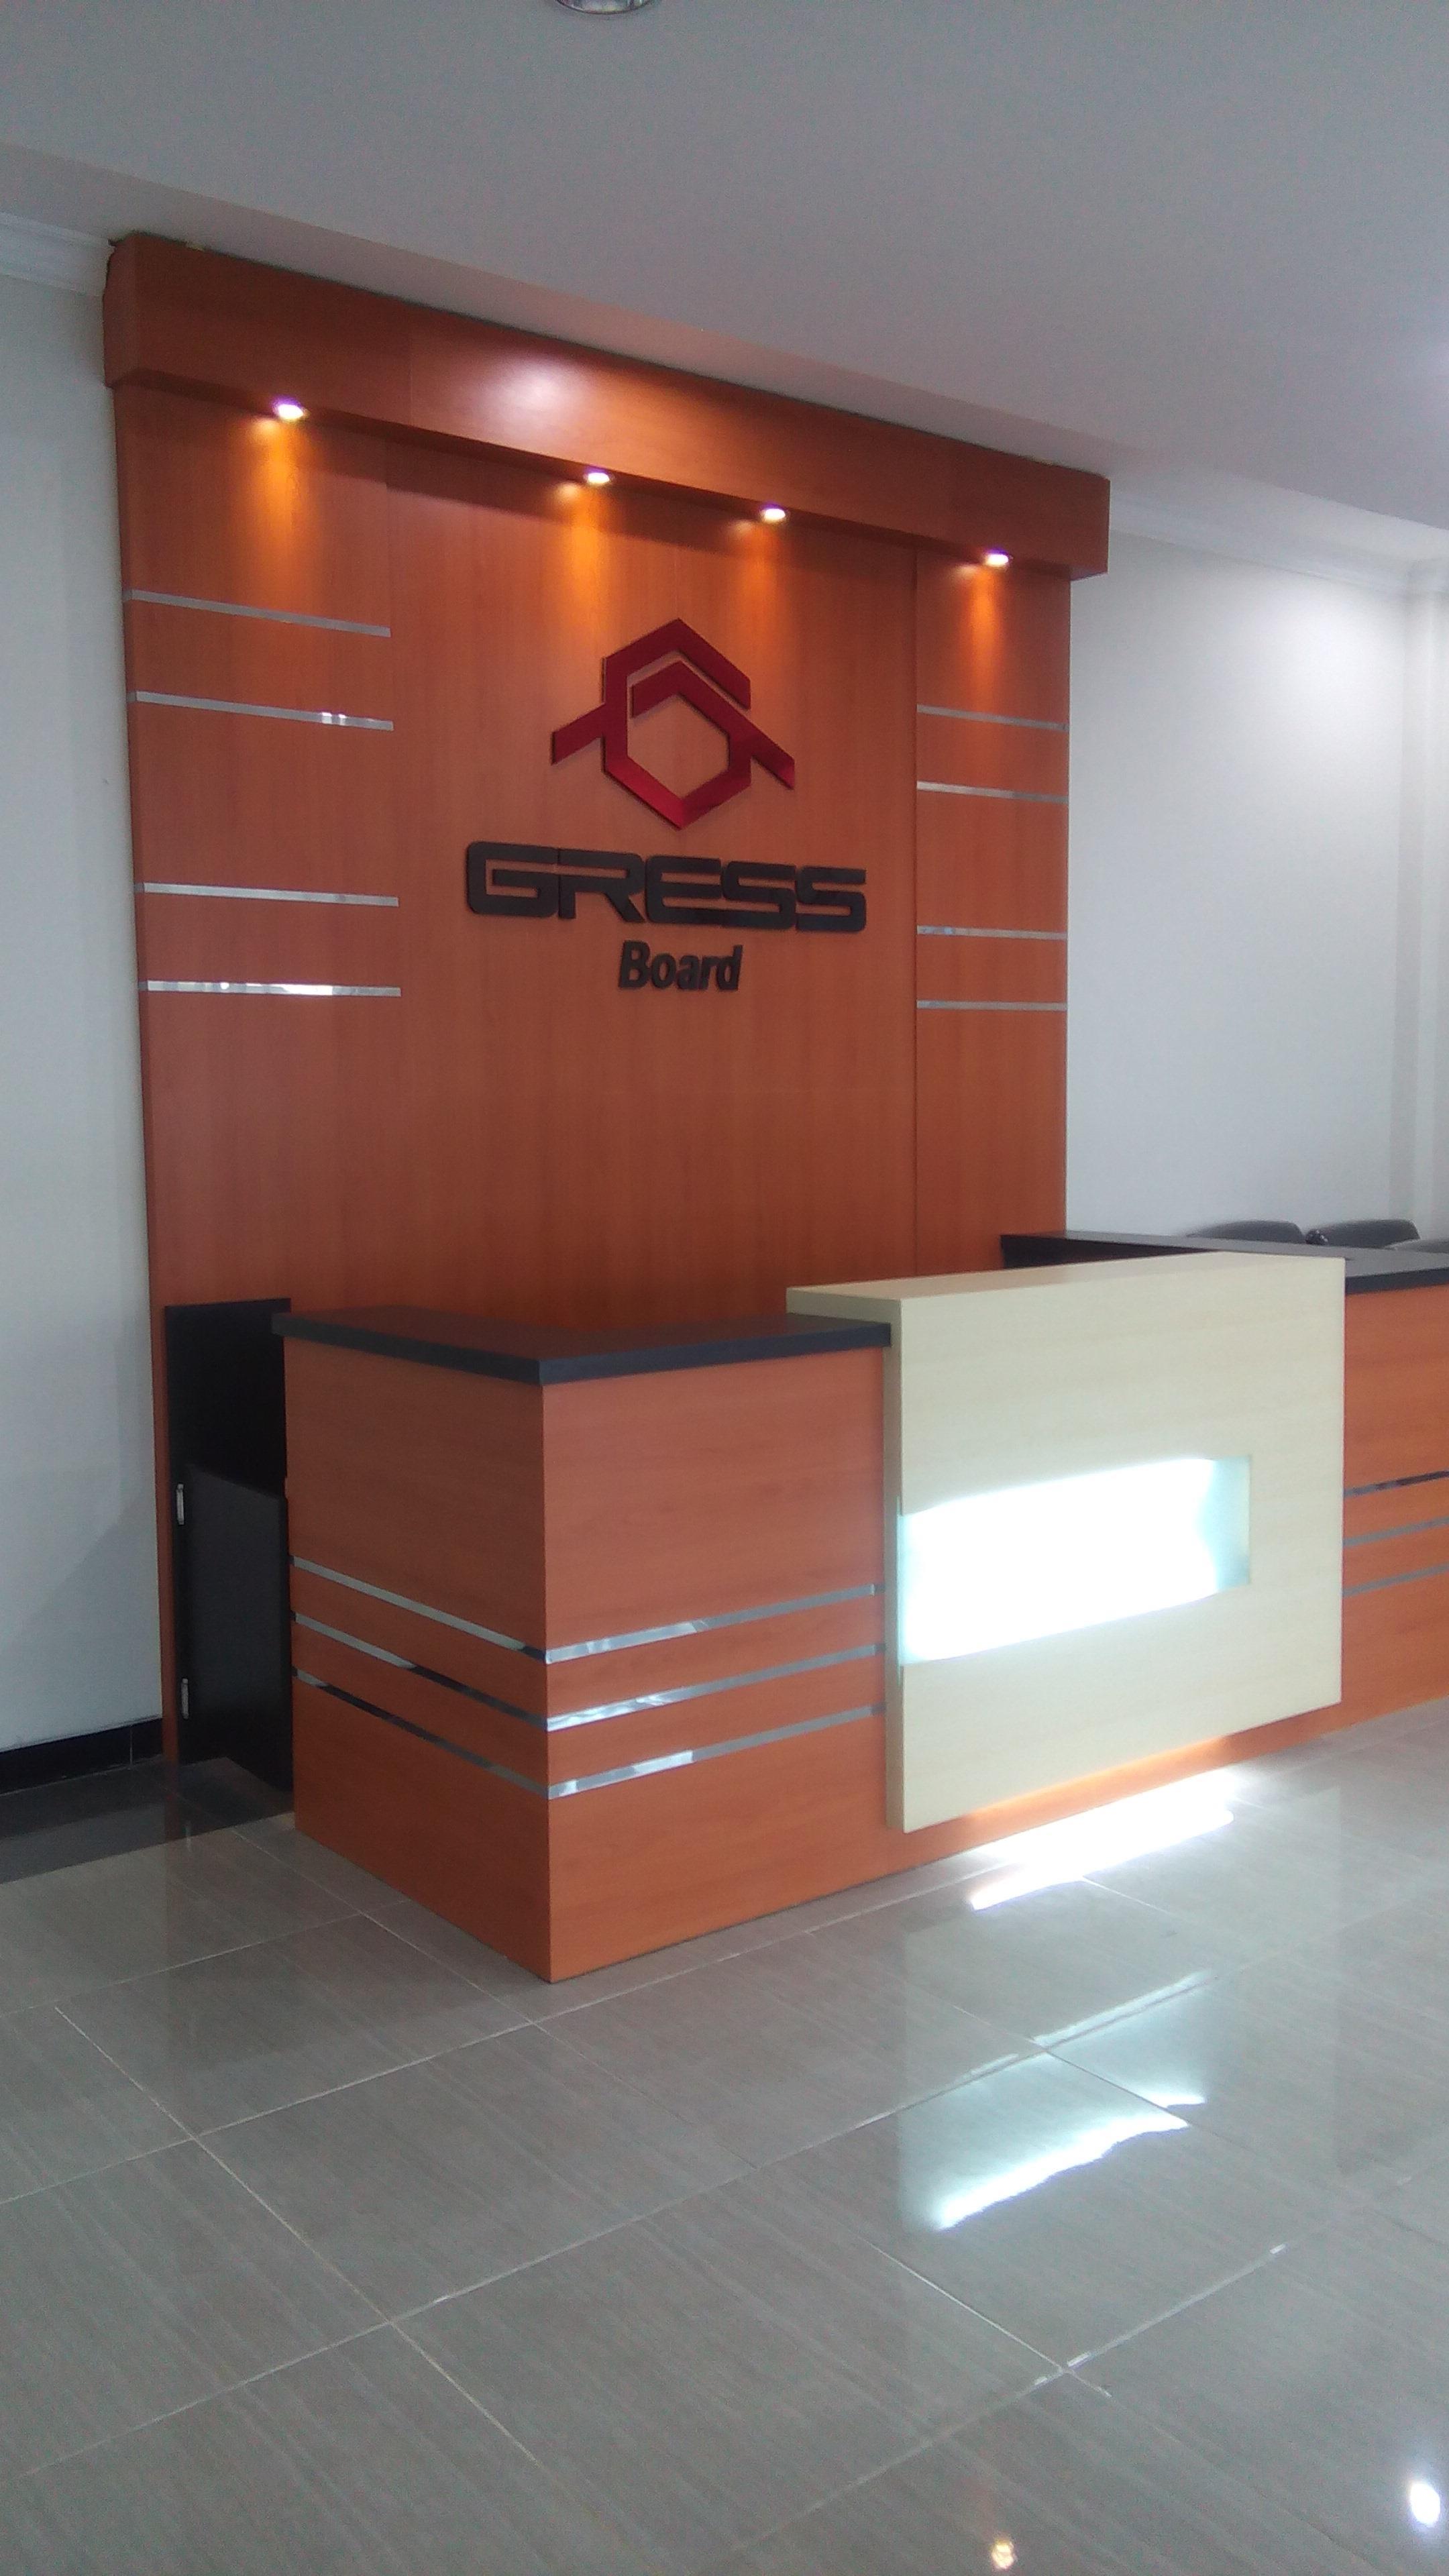 Jual Meja Resepcionis Harga Murah Surabaya Oleh Hari Interior Makan Amber